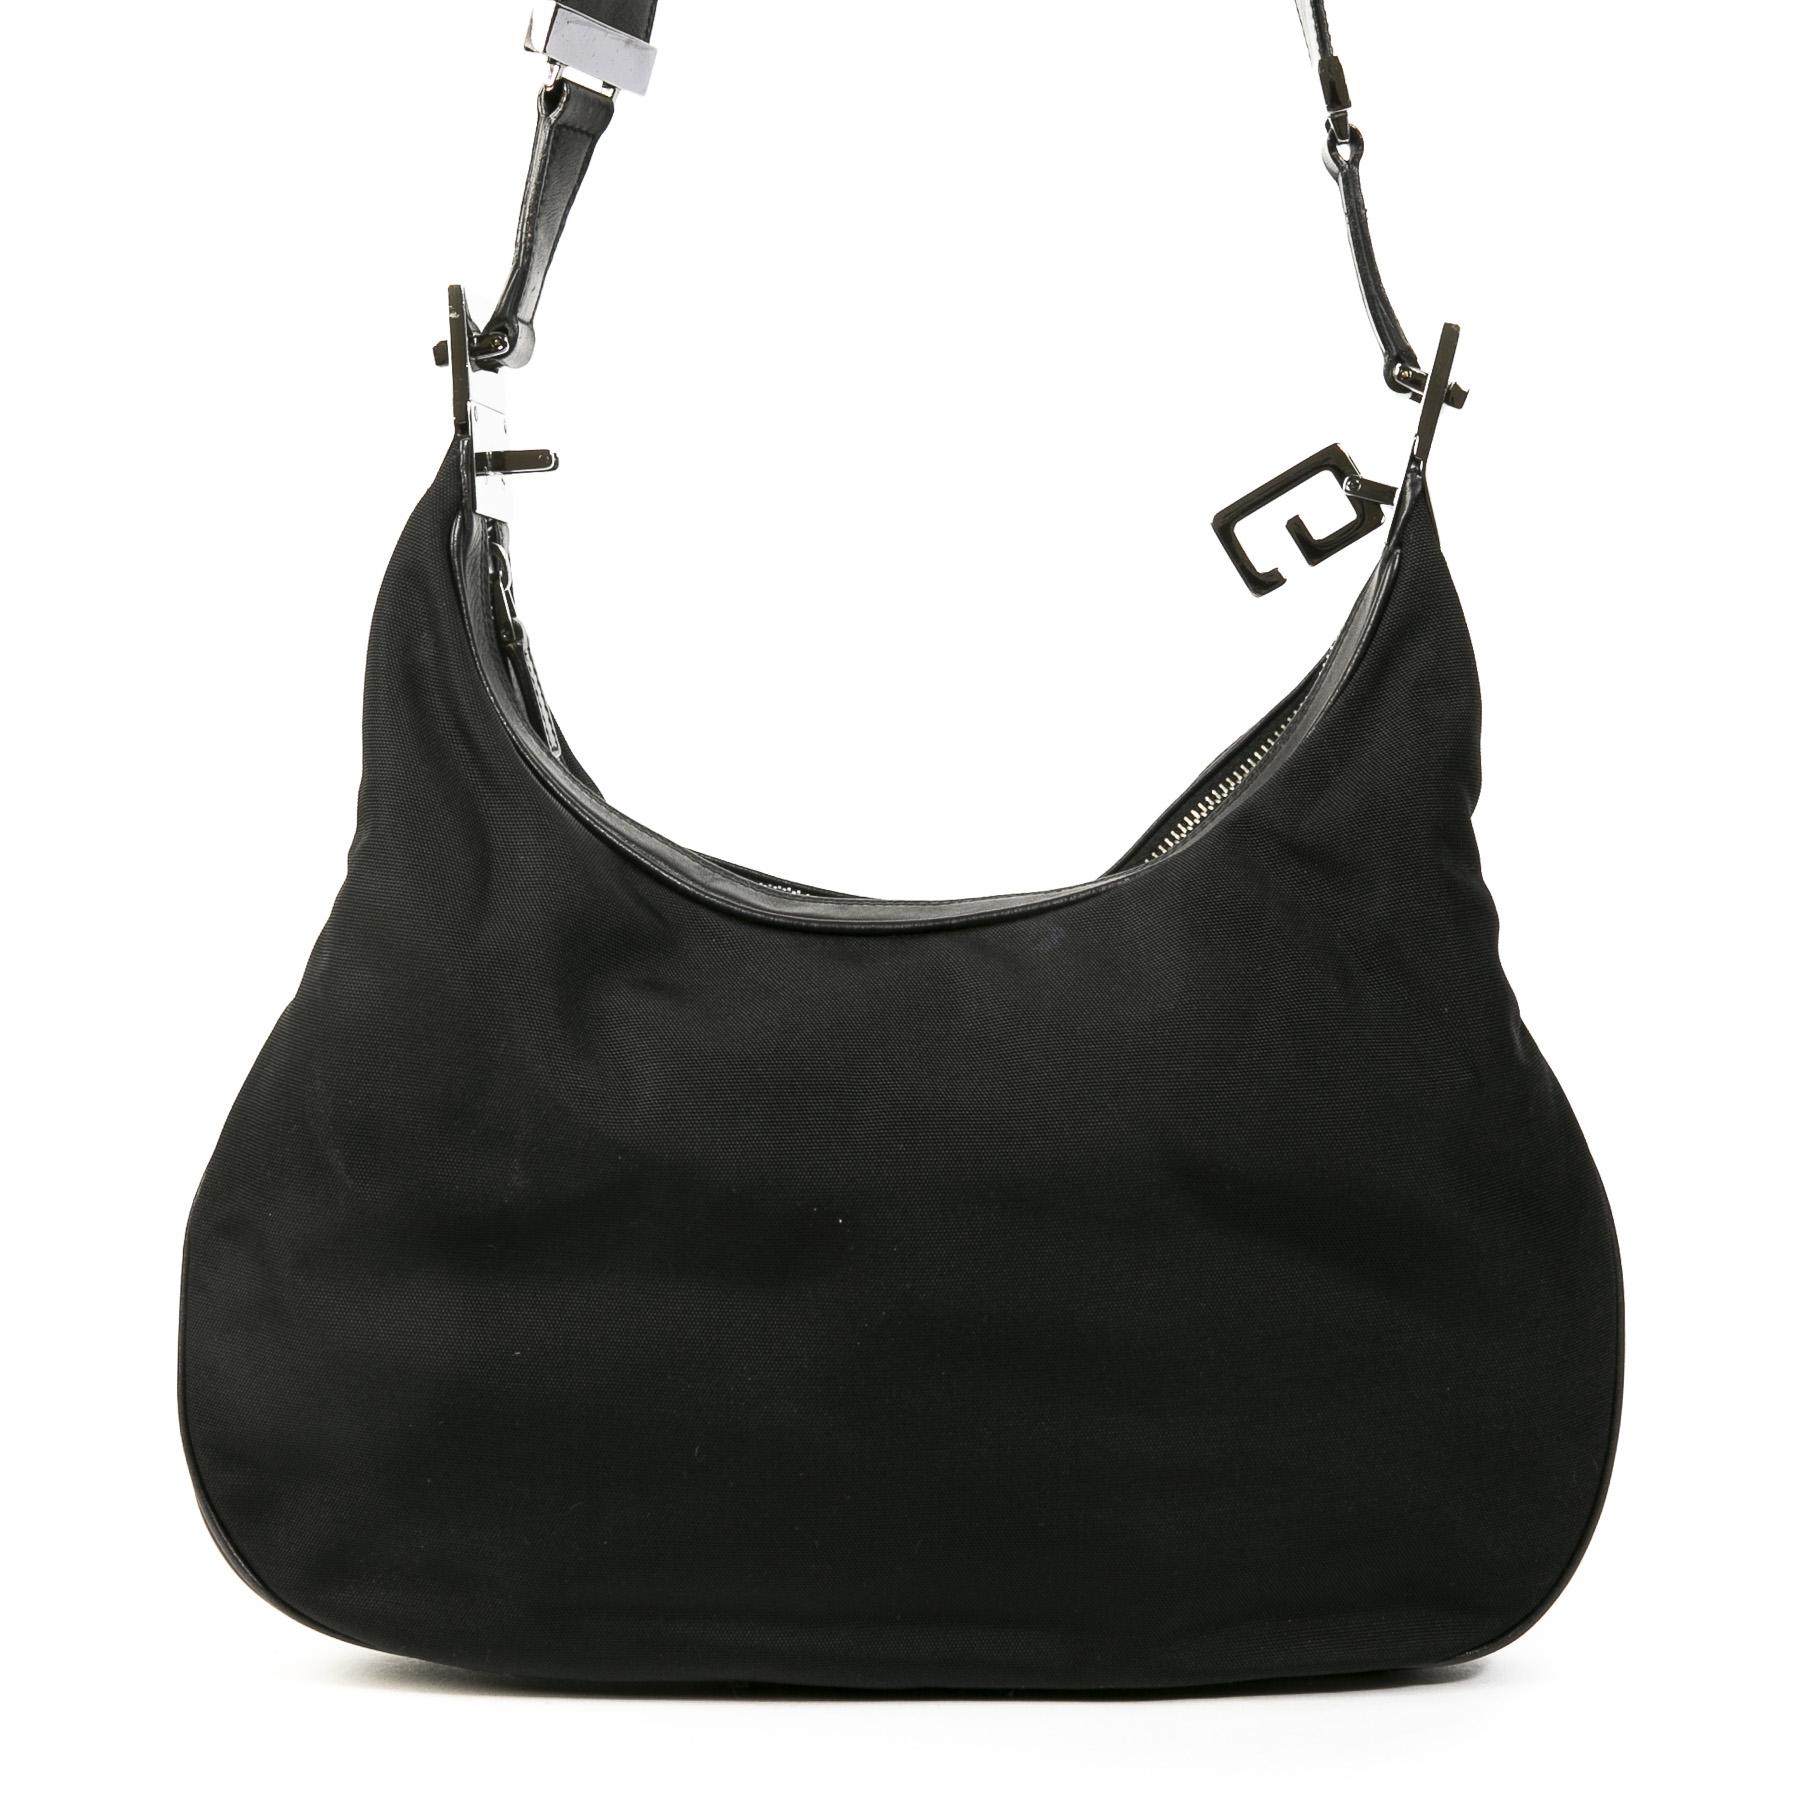 Authentieke Tweedehands Gucci Black Canvas Silver Hobo Shoulder Bag juiste prijs veilig online shoppen luxe merken webshop winkelen Antwerpen België mode fashion